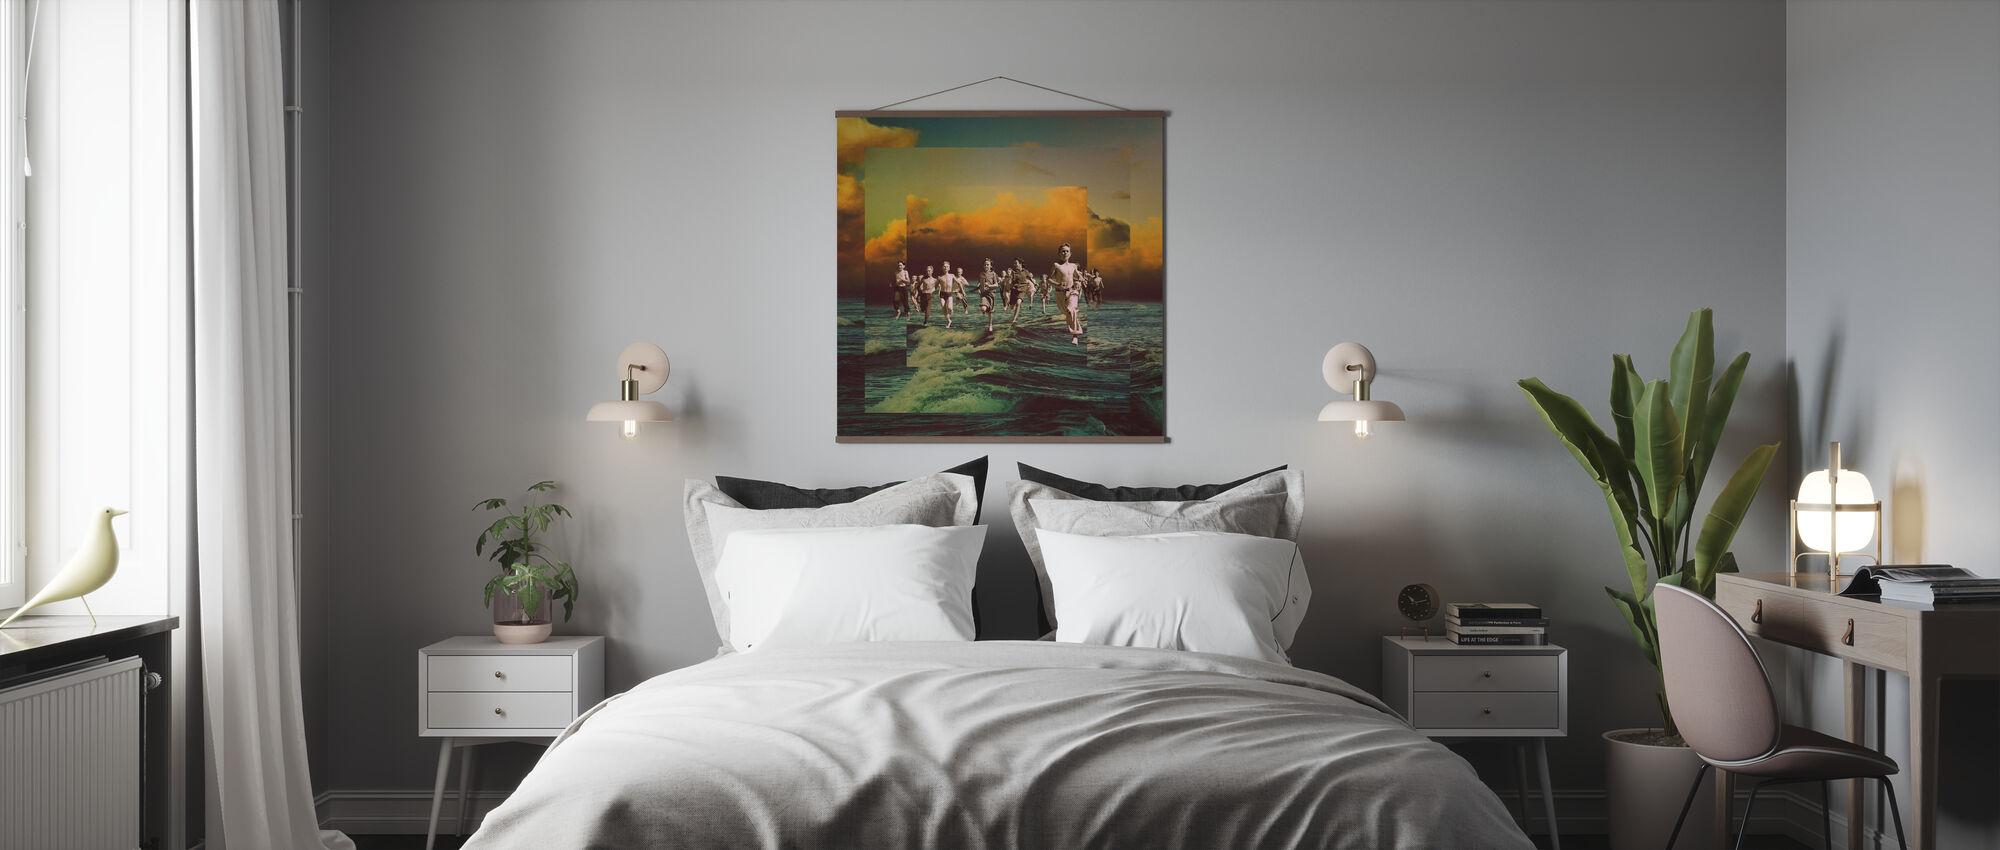 Runaway - Poster - Bedroom